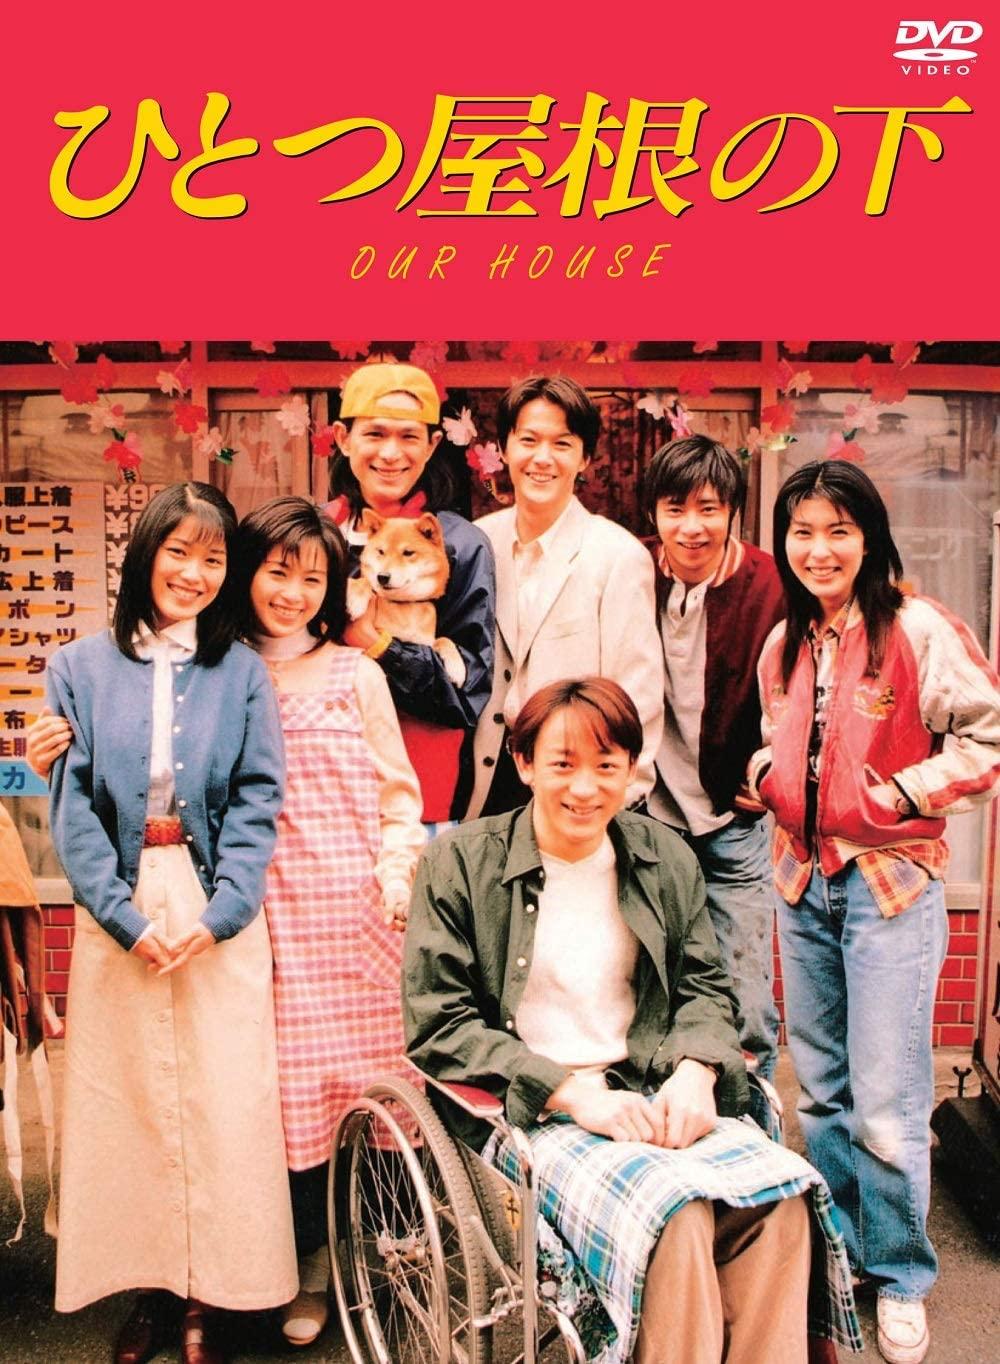 「野島伸司」脚本のドラマで好きな作品は?【人気投票】   ねとらぼ調査隊